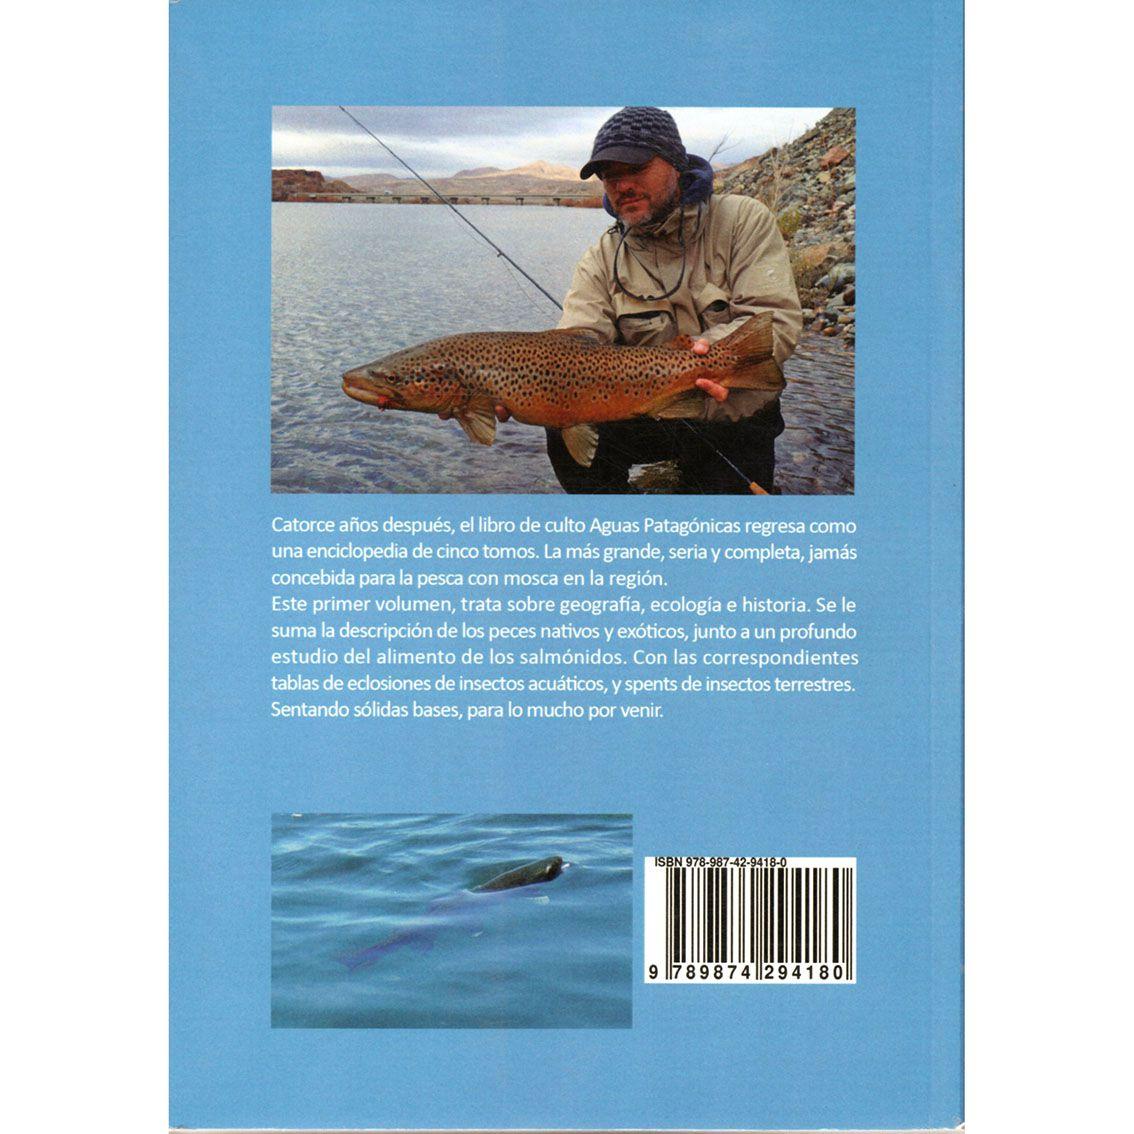 Livro Aguas Patagónicas I (Diego Flores)